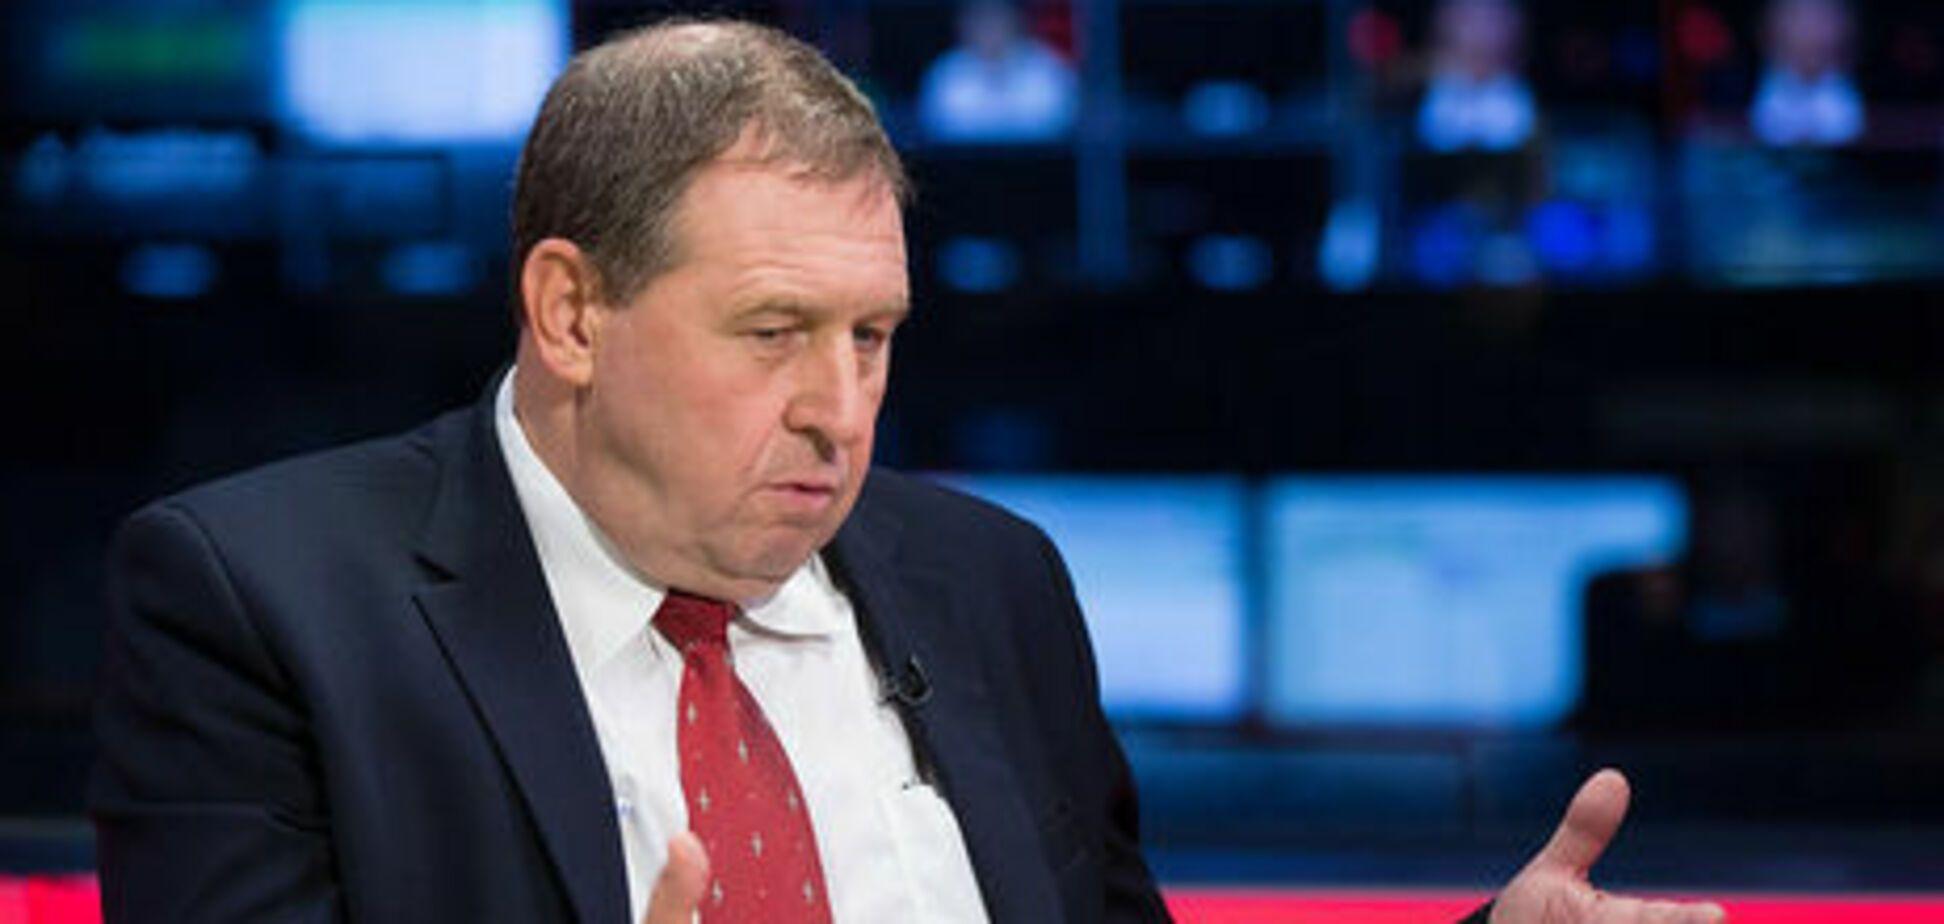 Усунення олігархів означатиме кінець політичної та економічної свободи в Україні, – Ілларіонов